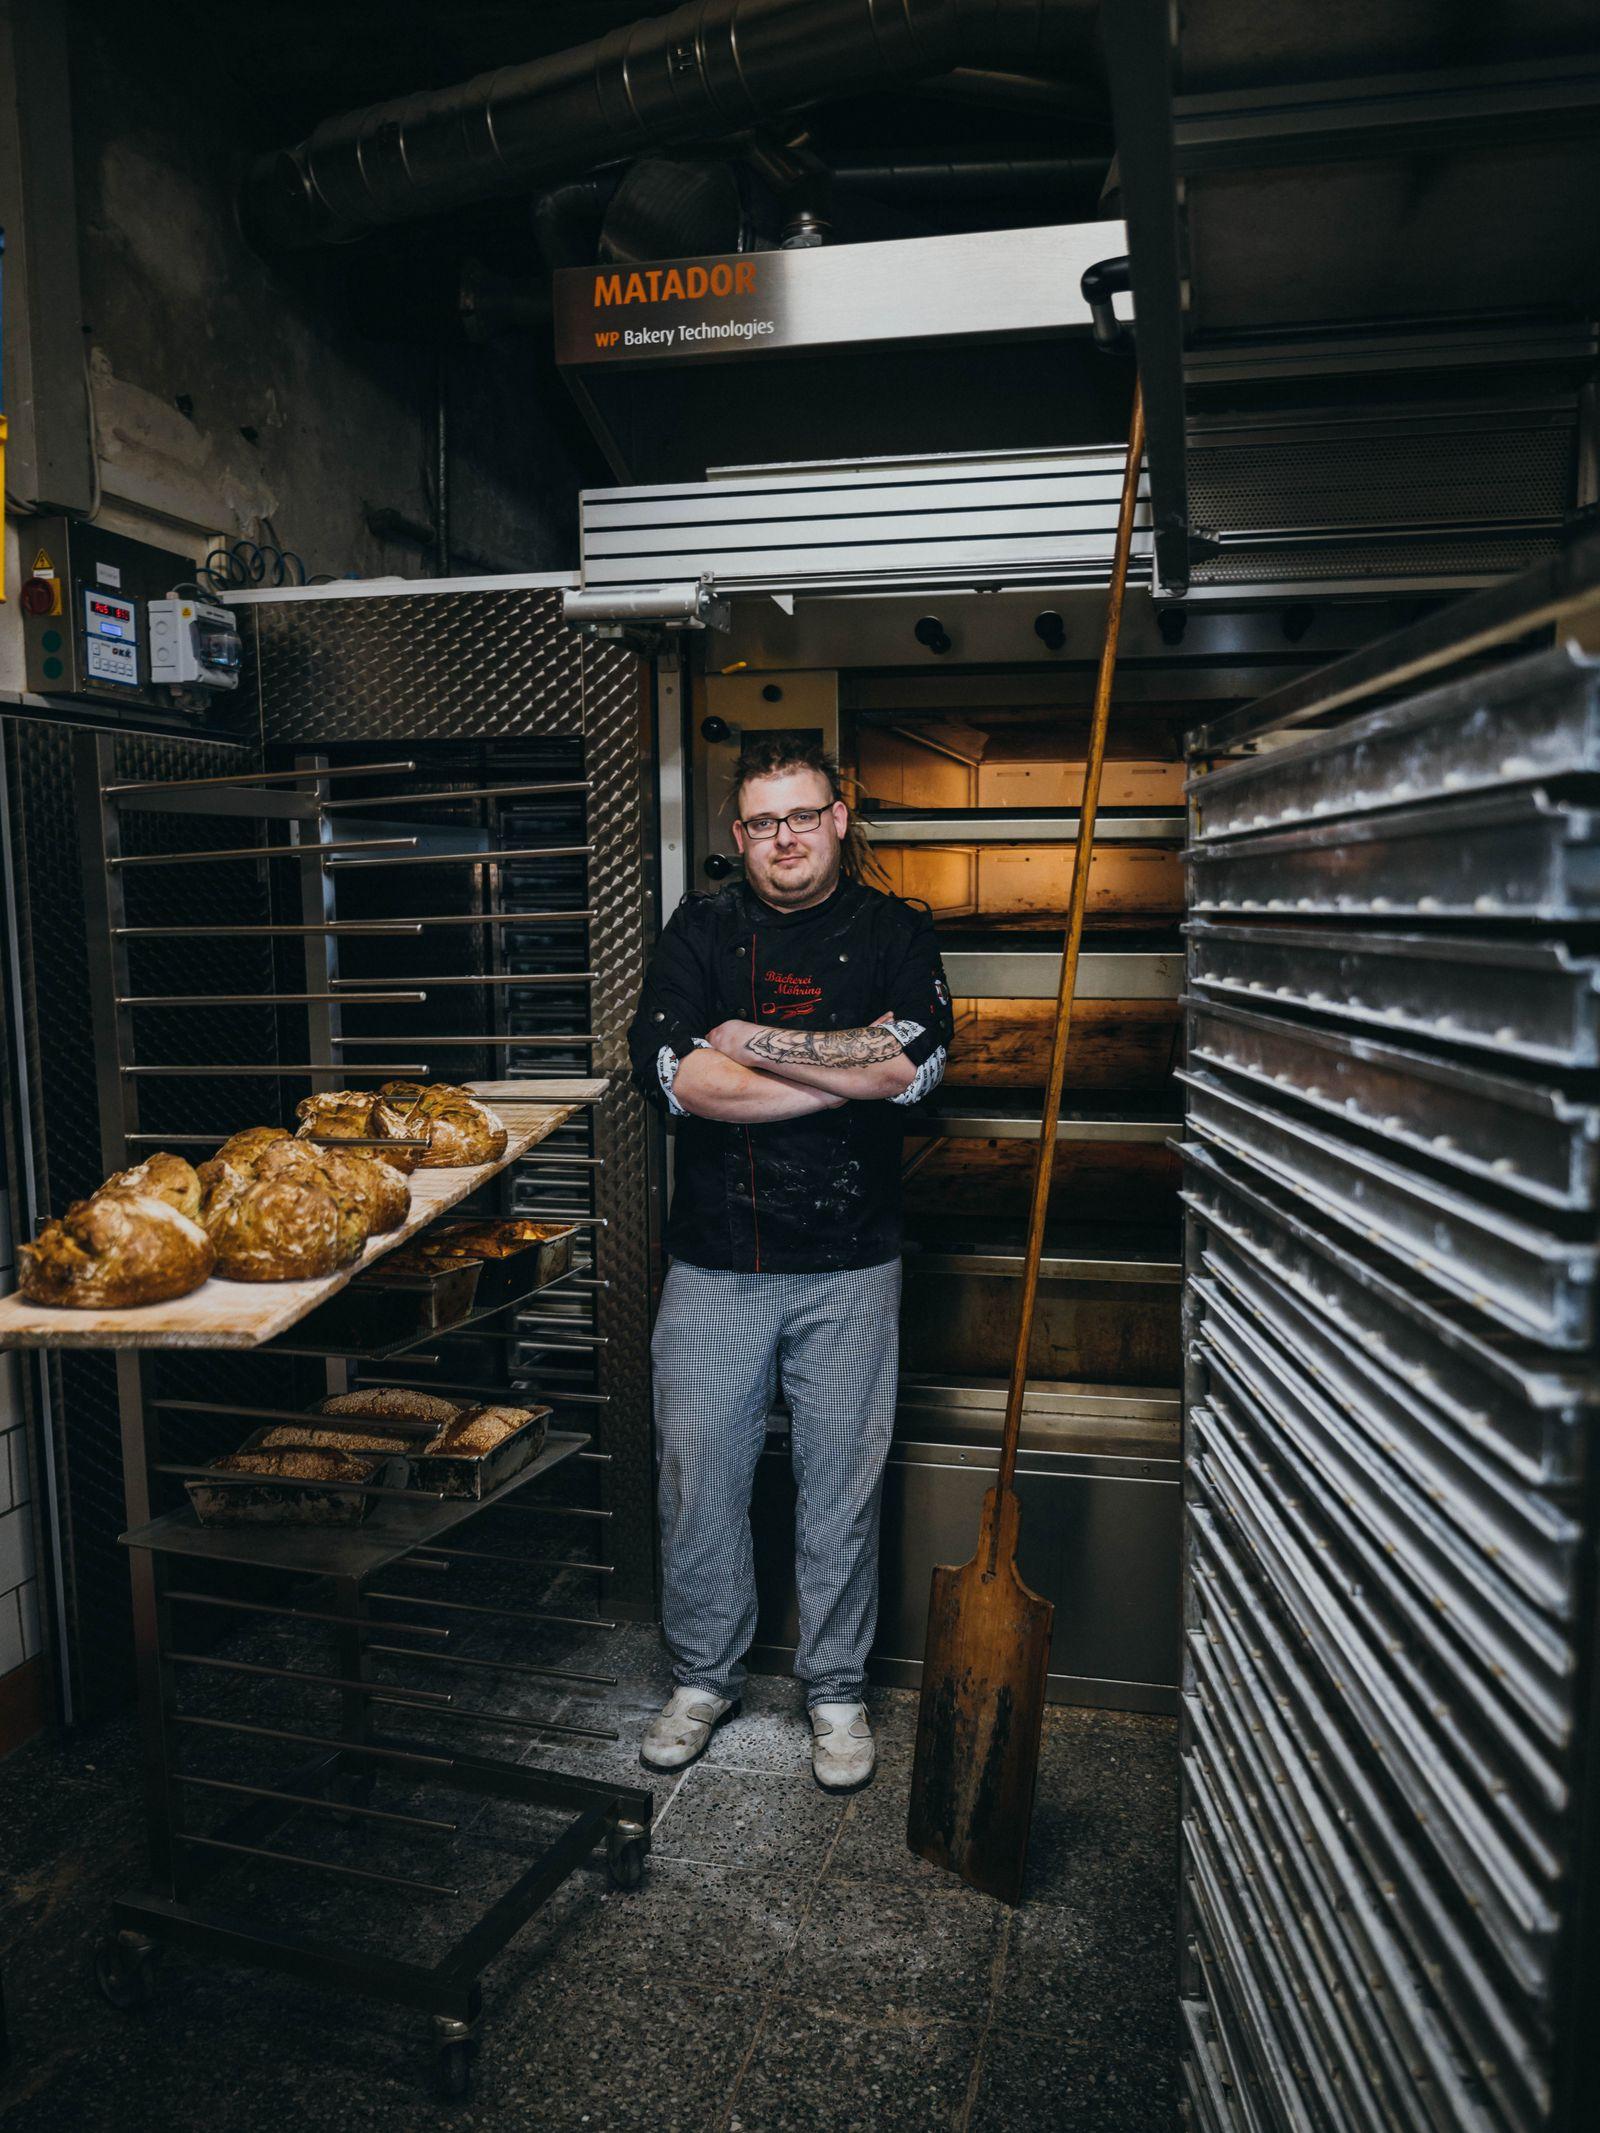 Marcus Ostendorf Bäckermeister und Erbe der Bäckerei Möhrign in Barleben bei Magdeburg fotografiert für Bento